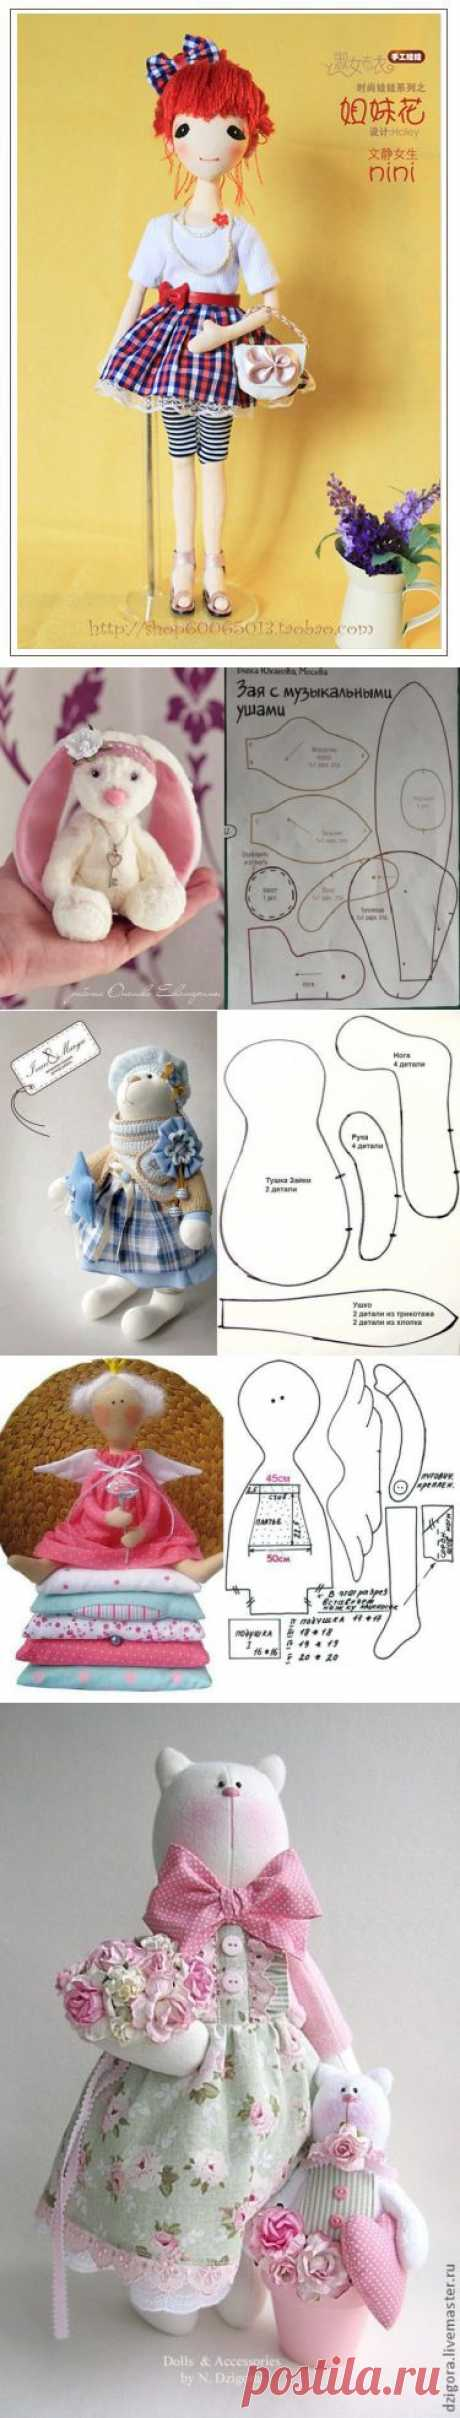 Много выкроек игрушек и кукол.